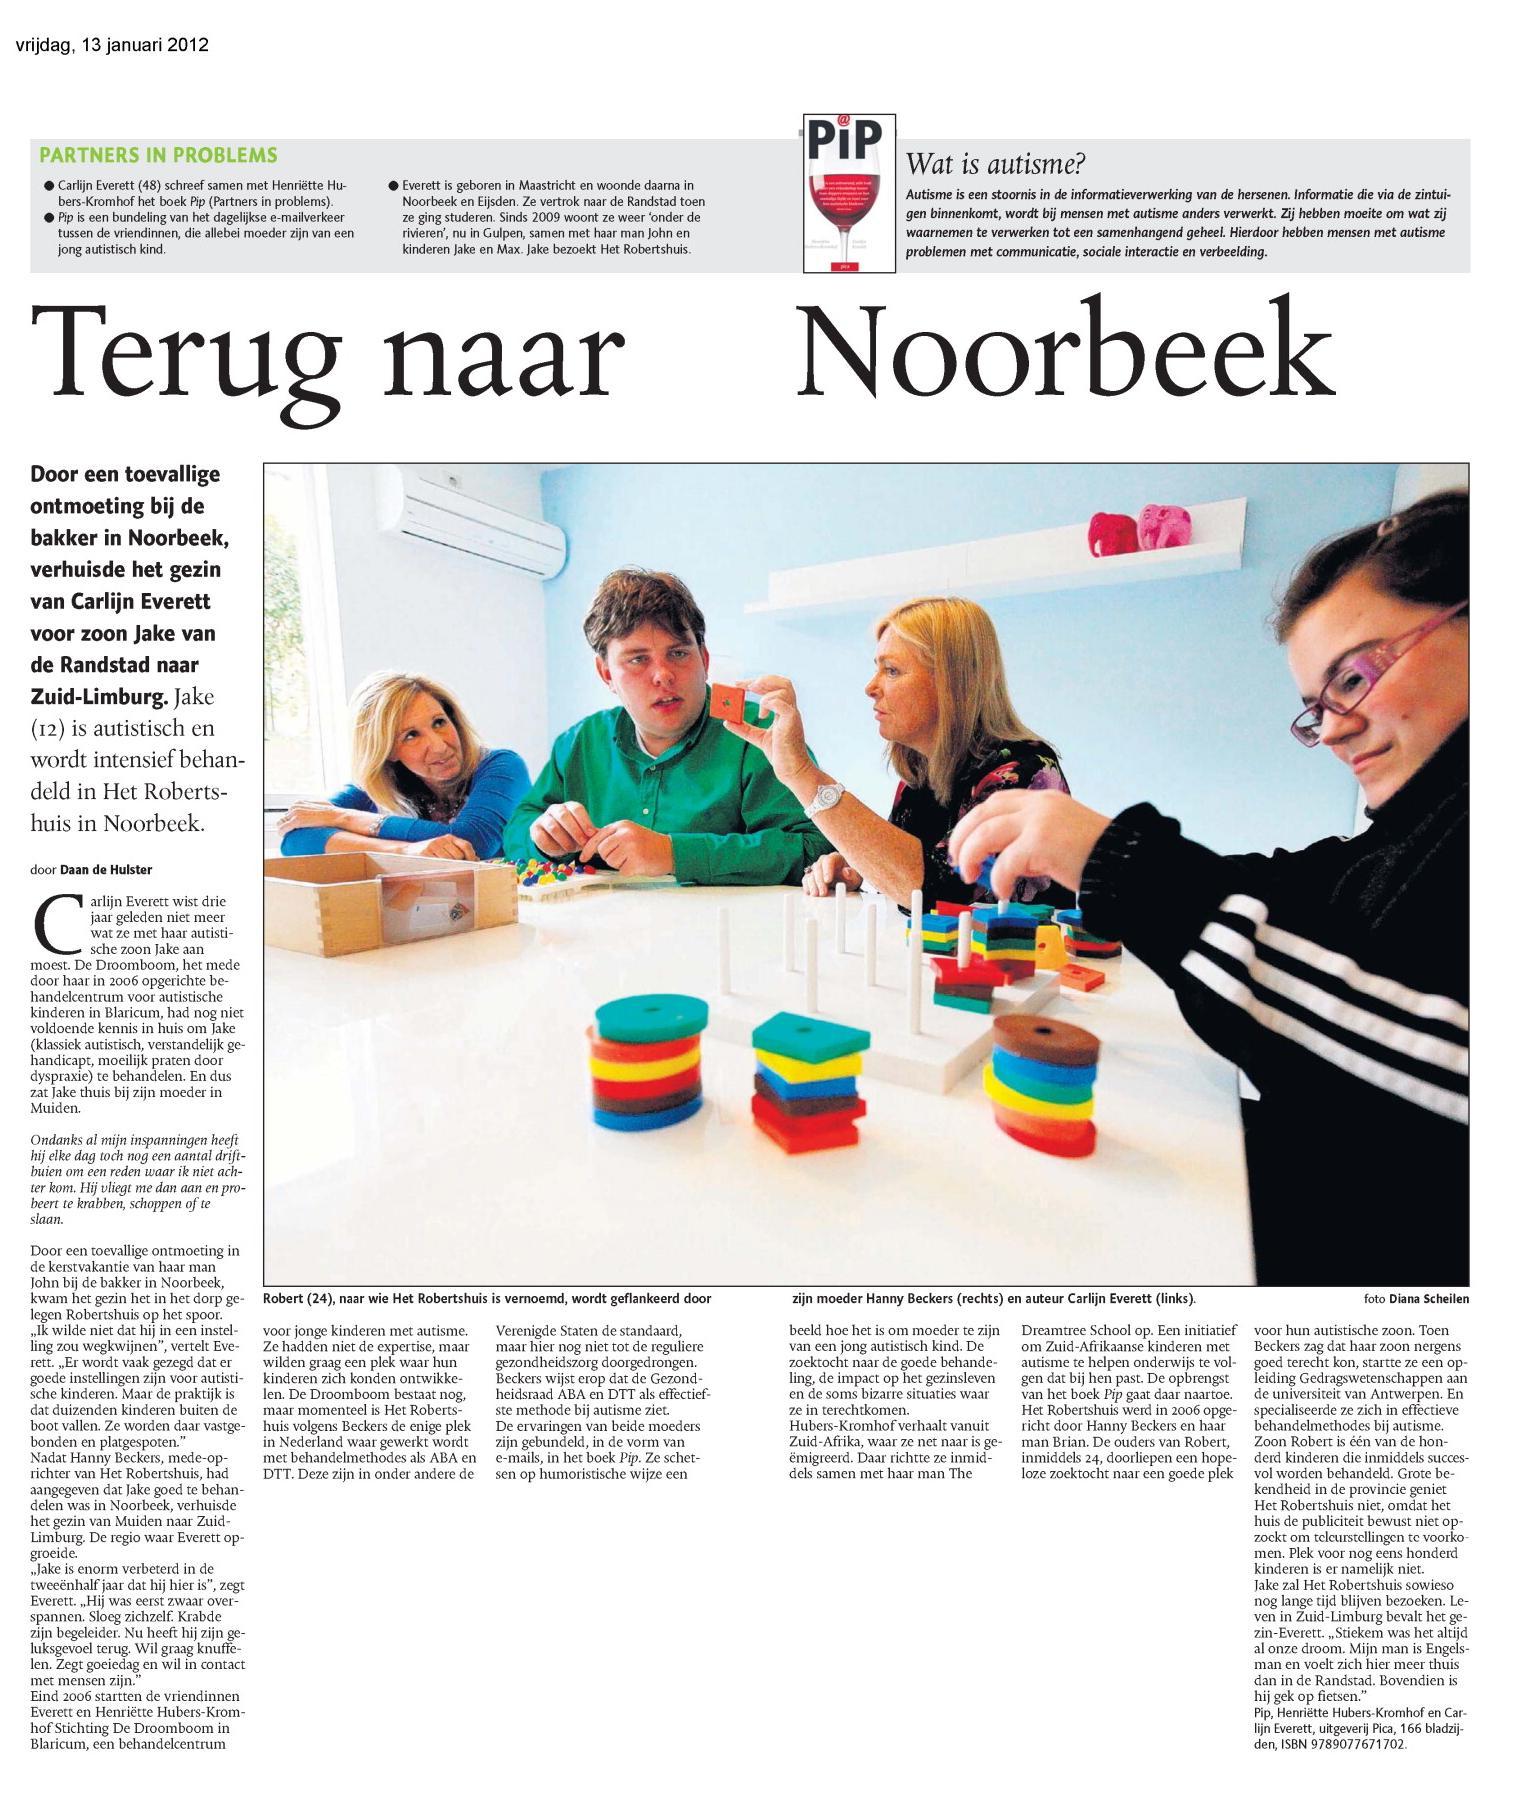 Artikel Terug naar Noorbeek